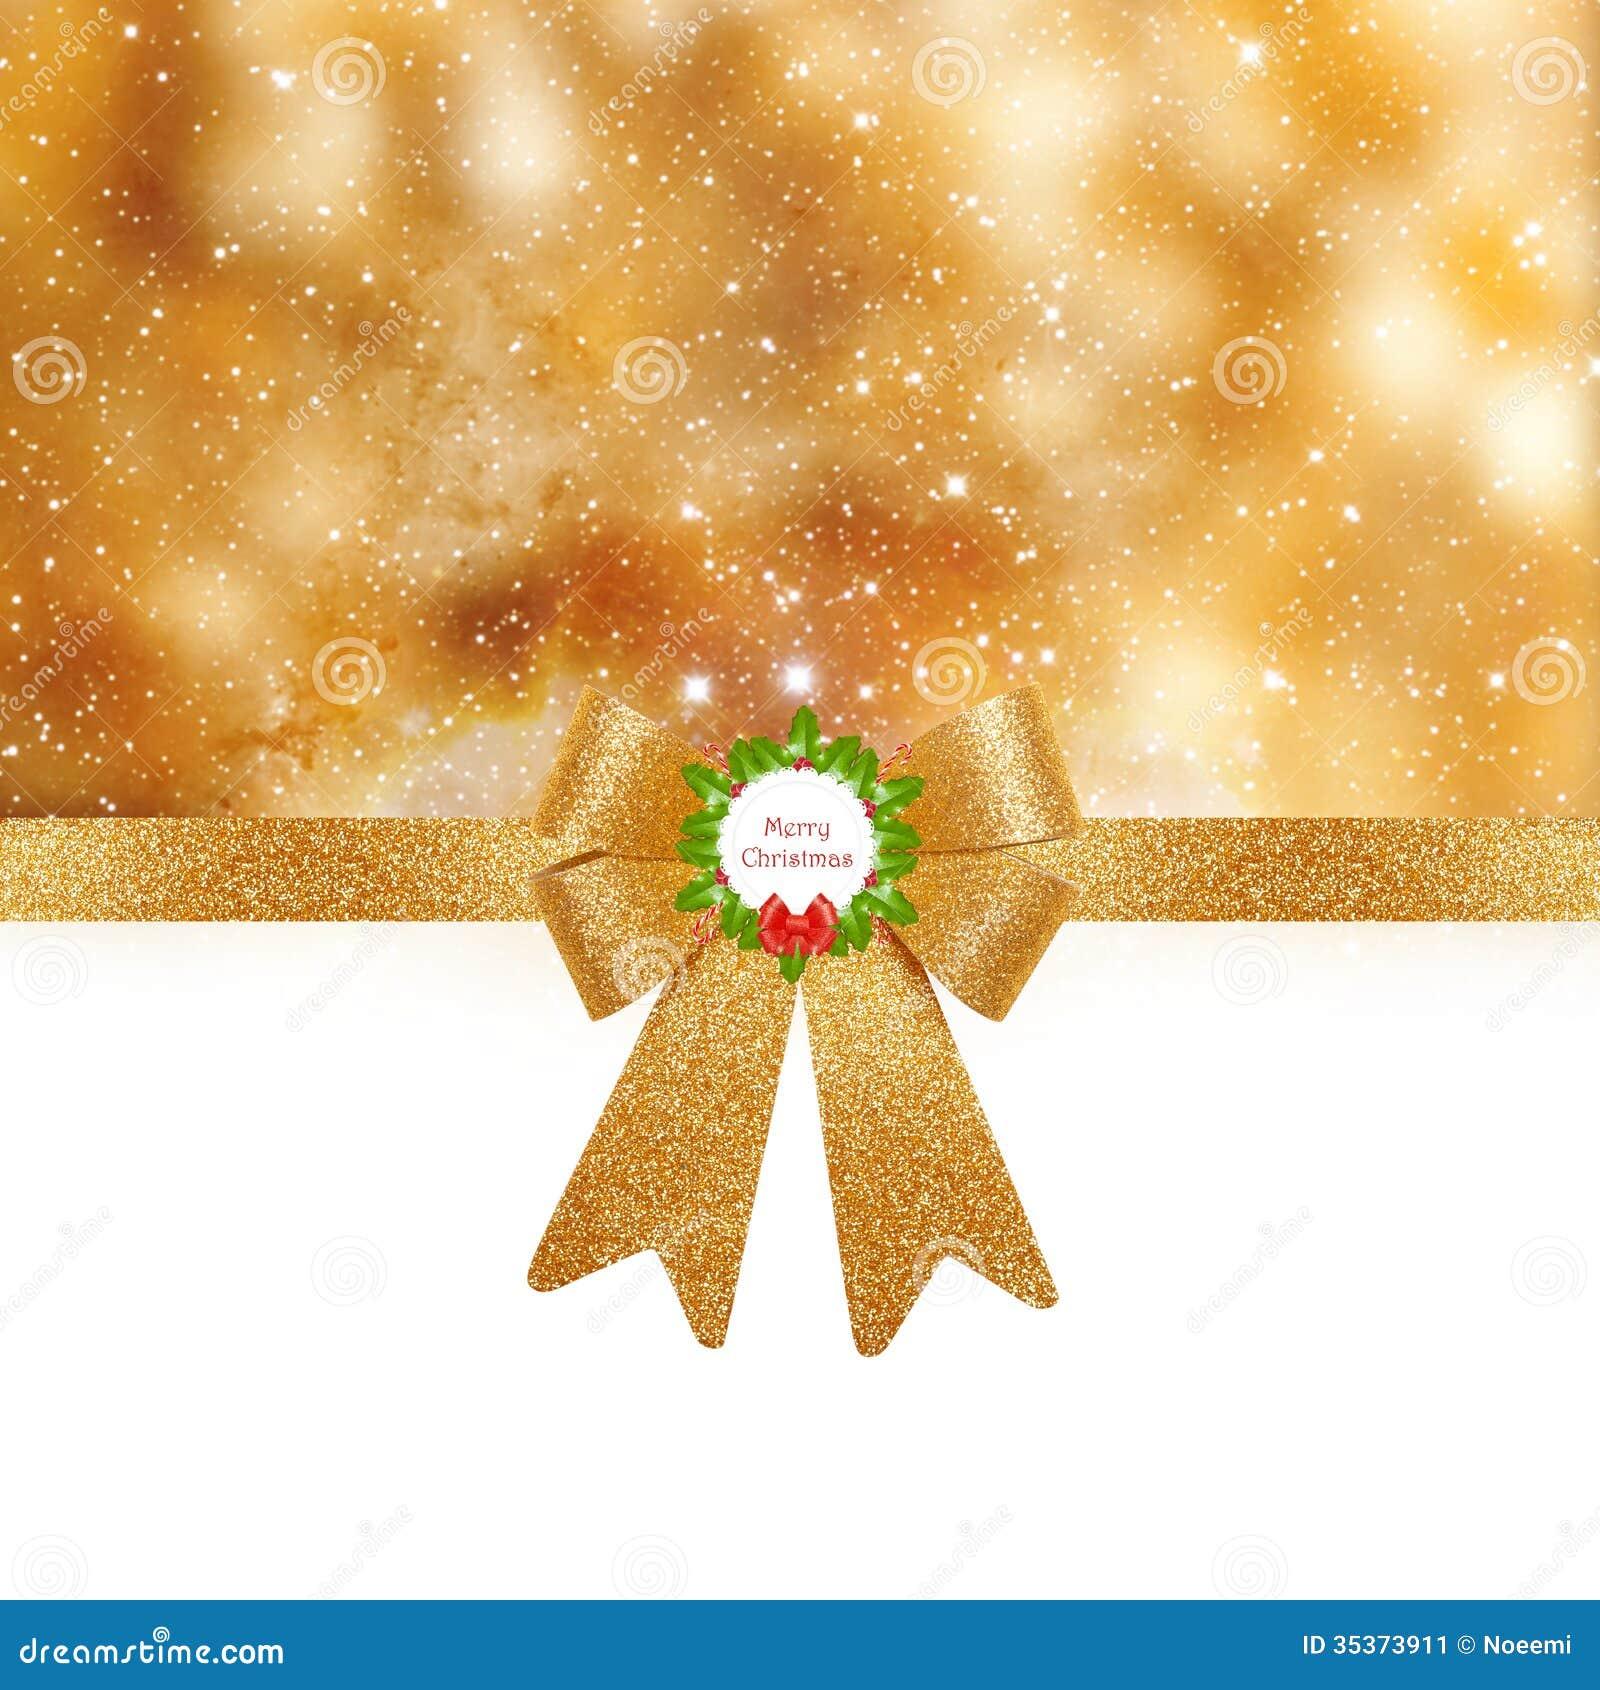 Christmas background - golden bow on shiny background